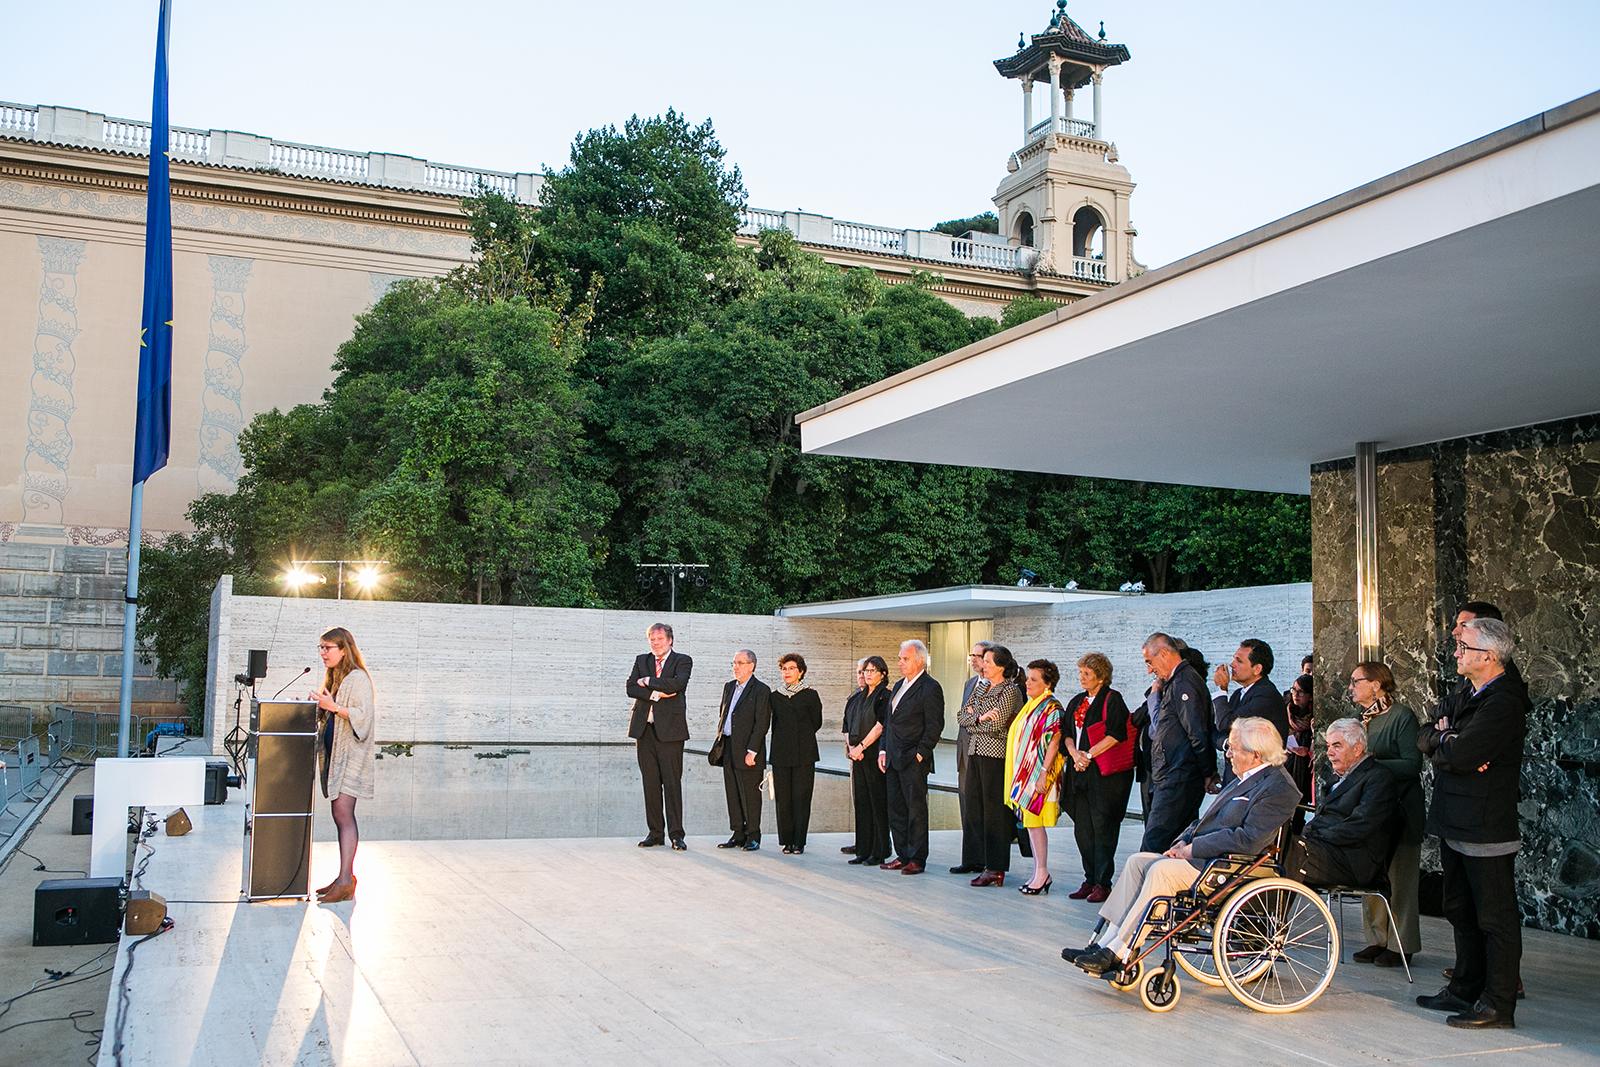 30 anys de la reconstrucció del Pavelló Mies van der Rohe – Barcelona 2016